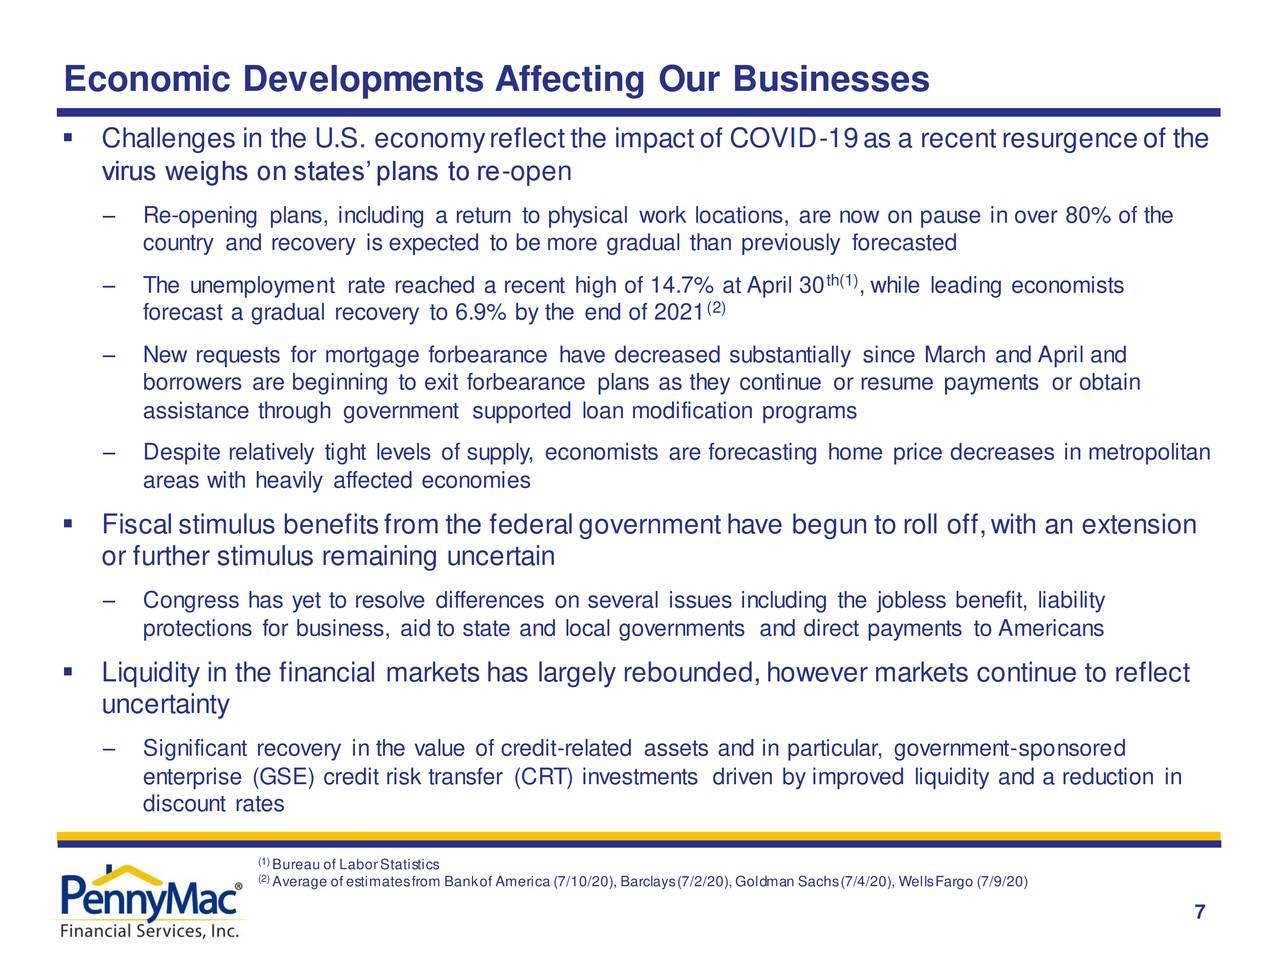 Desarrollos económicos que afectan a nuestros negocios